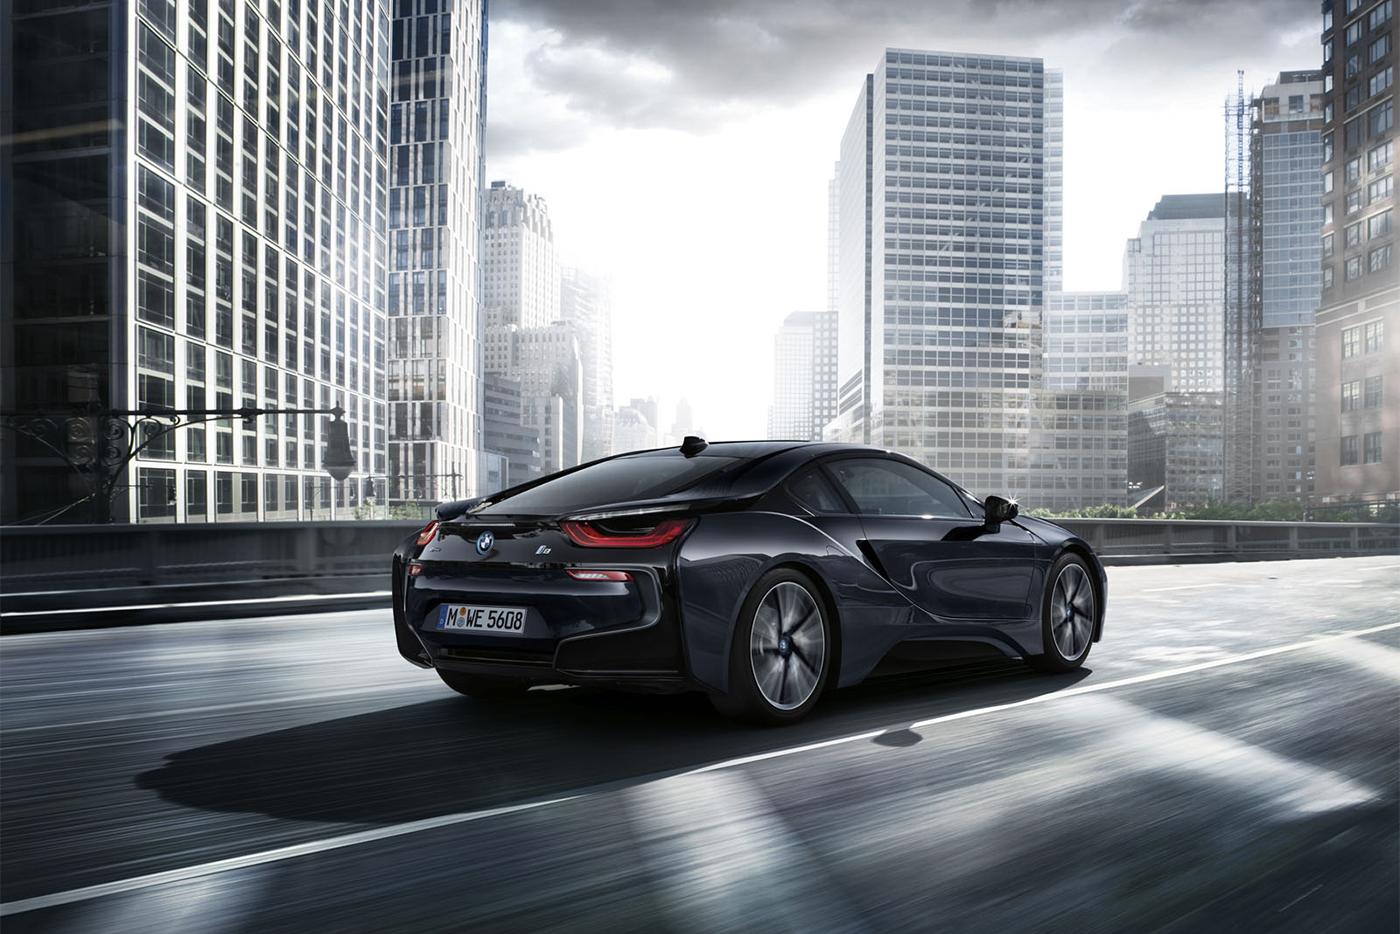 Tất cả dòng xe BMW sẽ có phiên bản chạy điện vào năm 2020 3